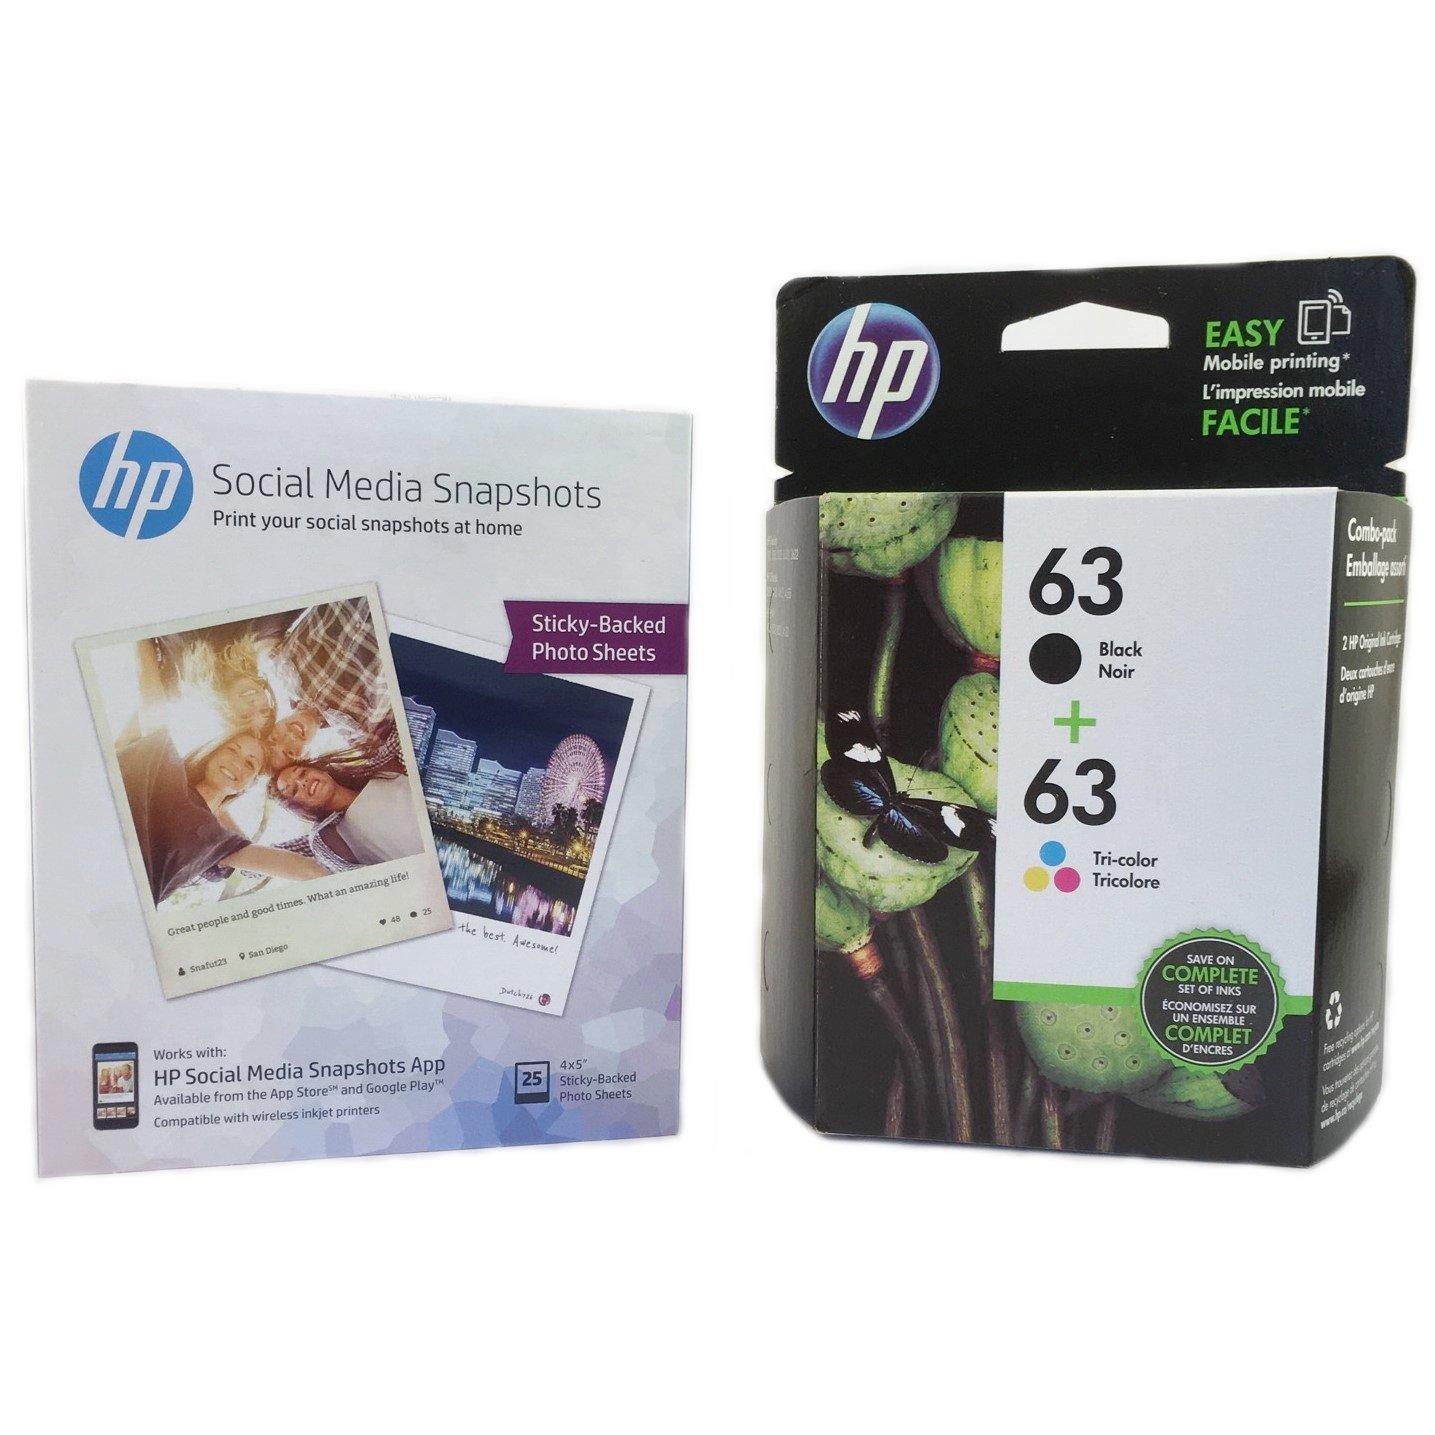 HP 63 Negro & Dreifarbige Original Tintenpatronen CON MEDIOS de unicacin Social Snapshot pepel t0 a90an Amazon Bürobedarf & Schreibwaren